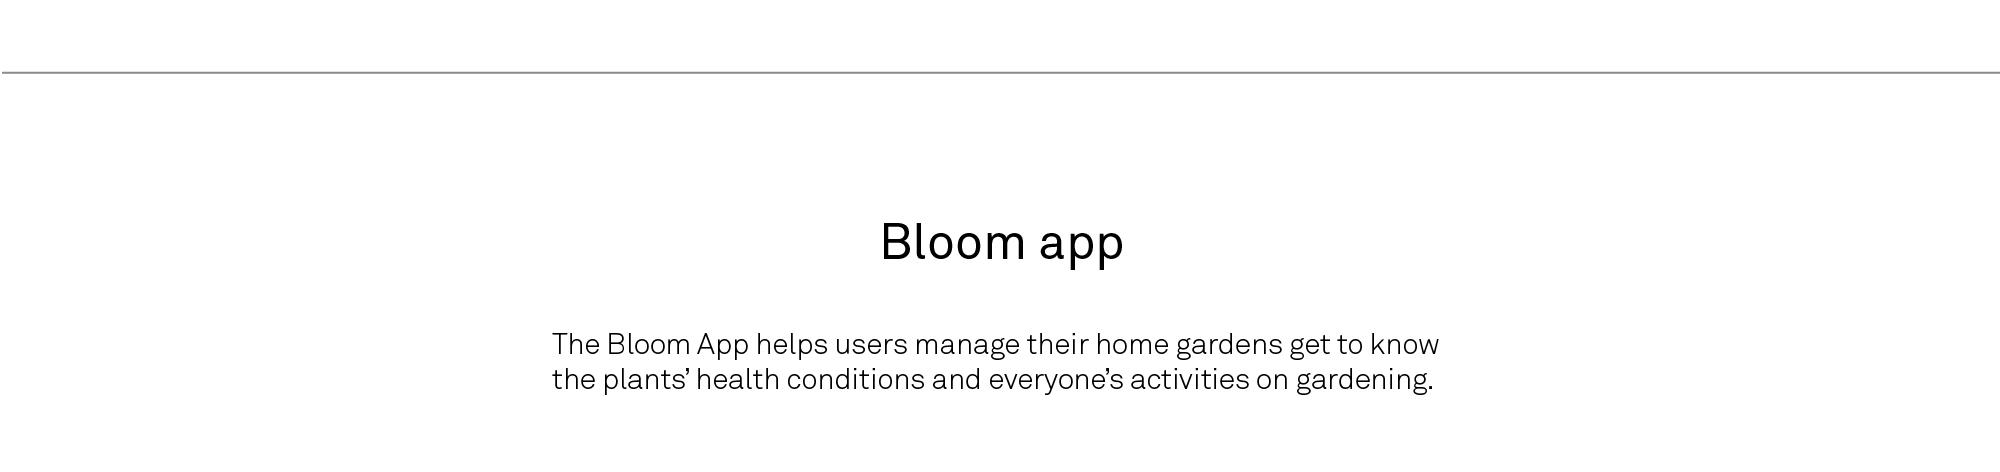 Bloom copy-15.jpg